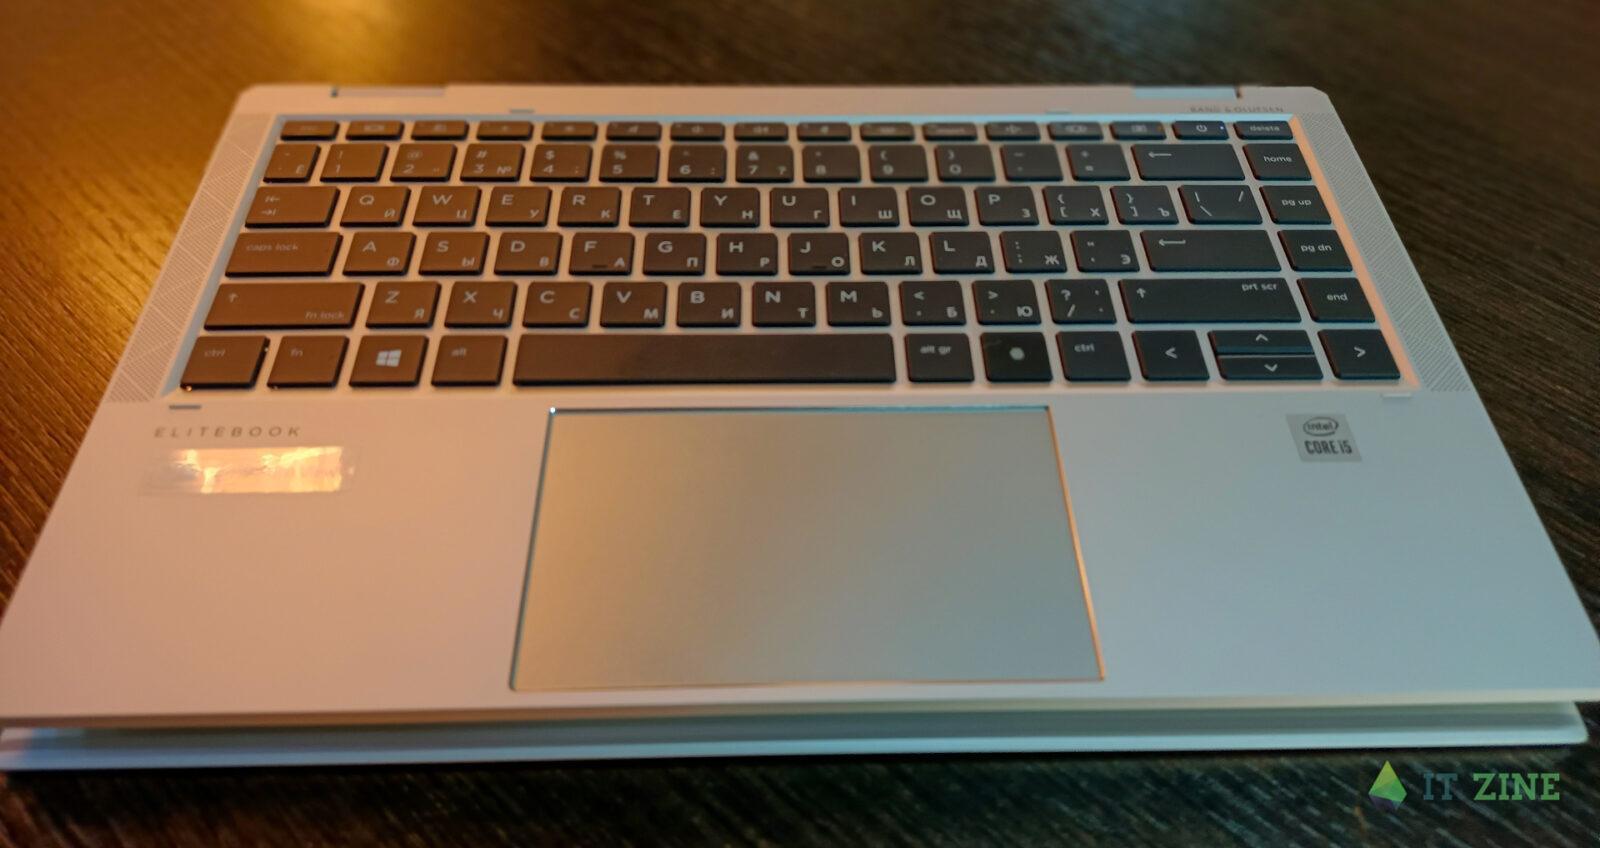 Обзор ноутбука HP EliteBook x360 1040 G7: трансформер для работы и развлечений (hp elitebook 1040 g7 12)